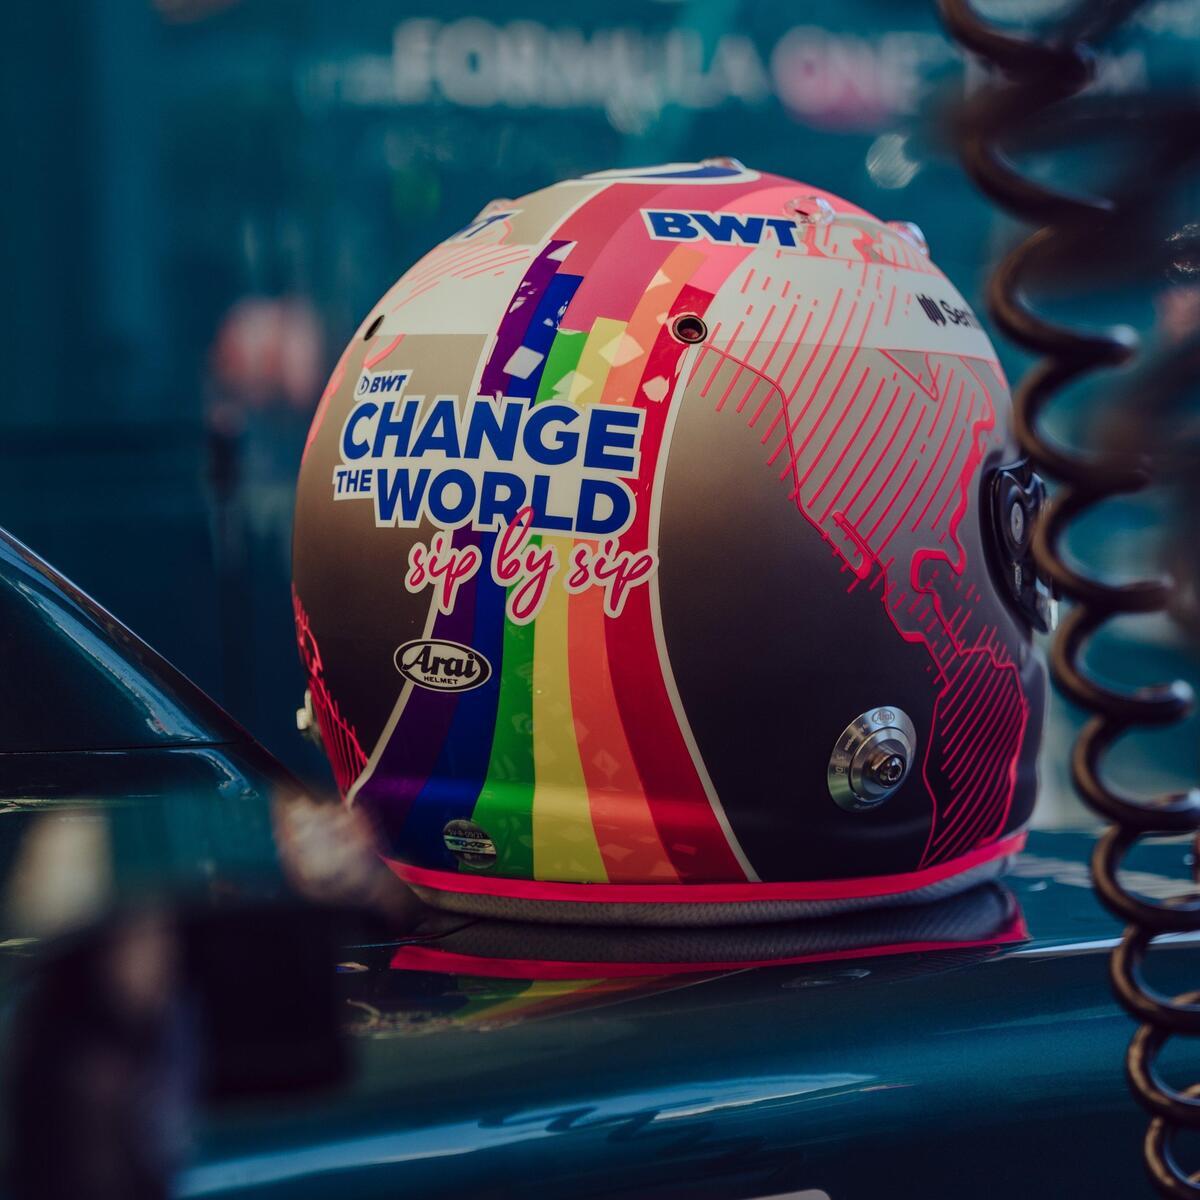 F1, Sebastian Vettel in Ungheria con il casco arcobaleno a sostegno della  comunità LGBTQ+ - Formula 1 - Automoto.it